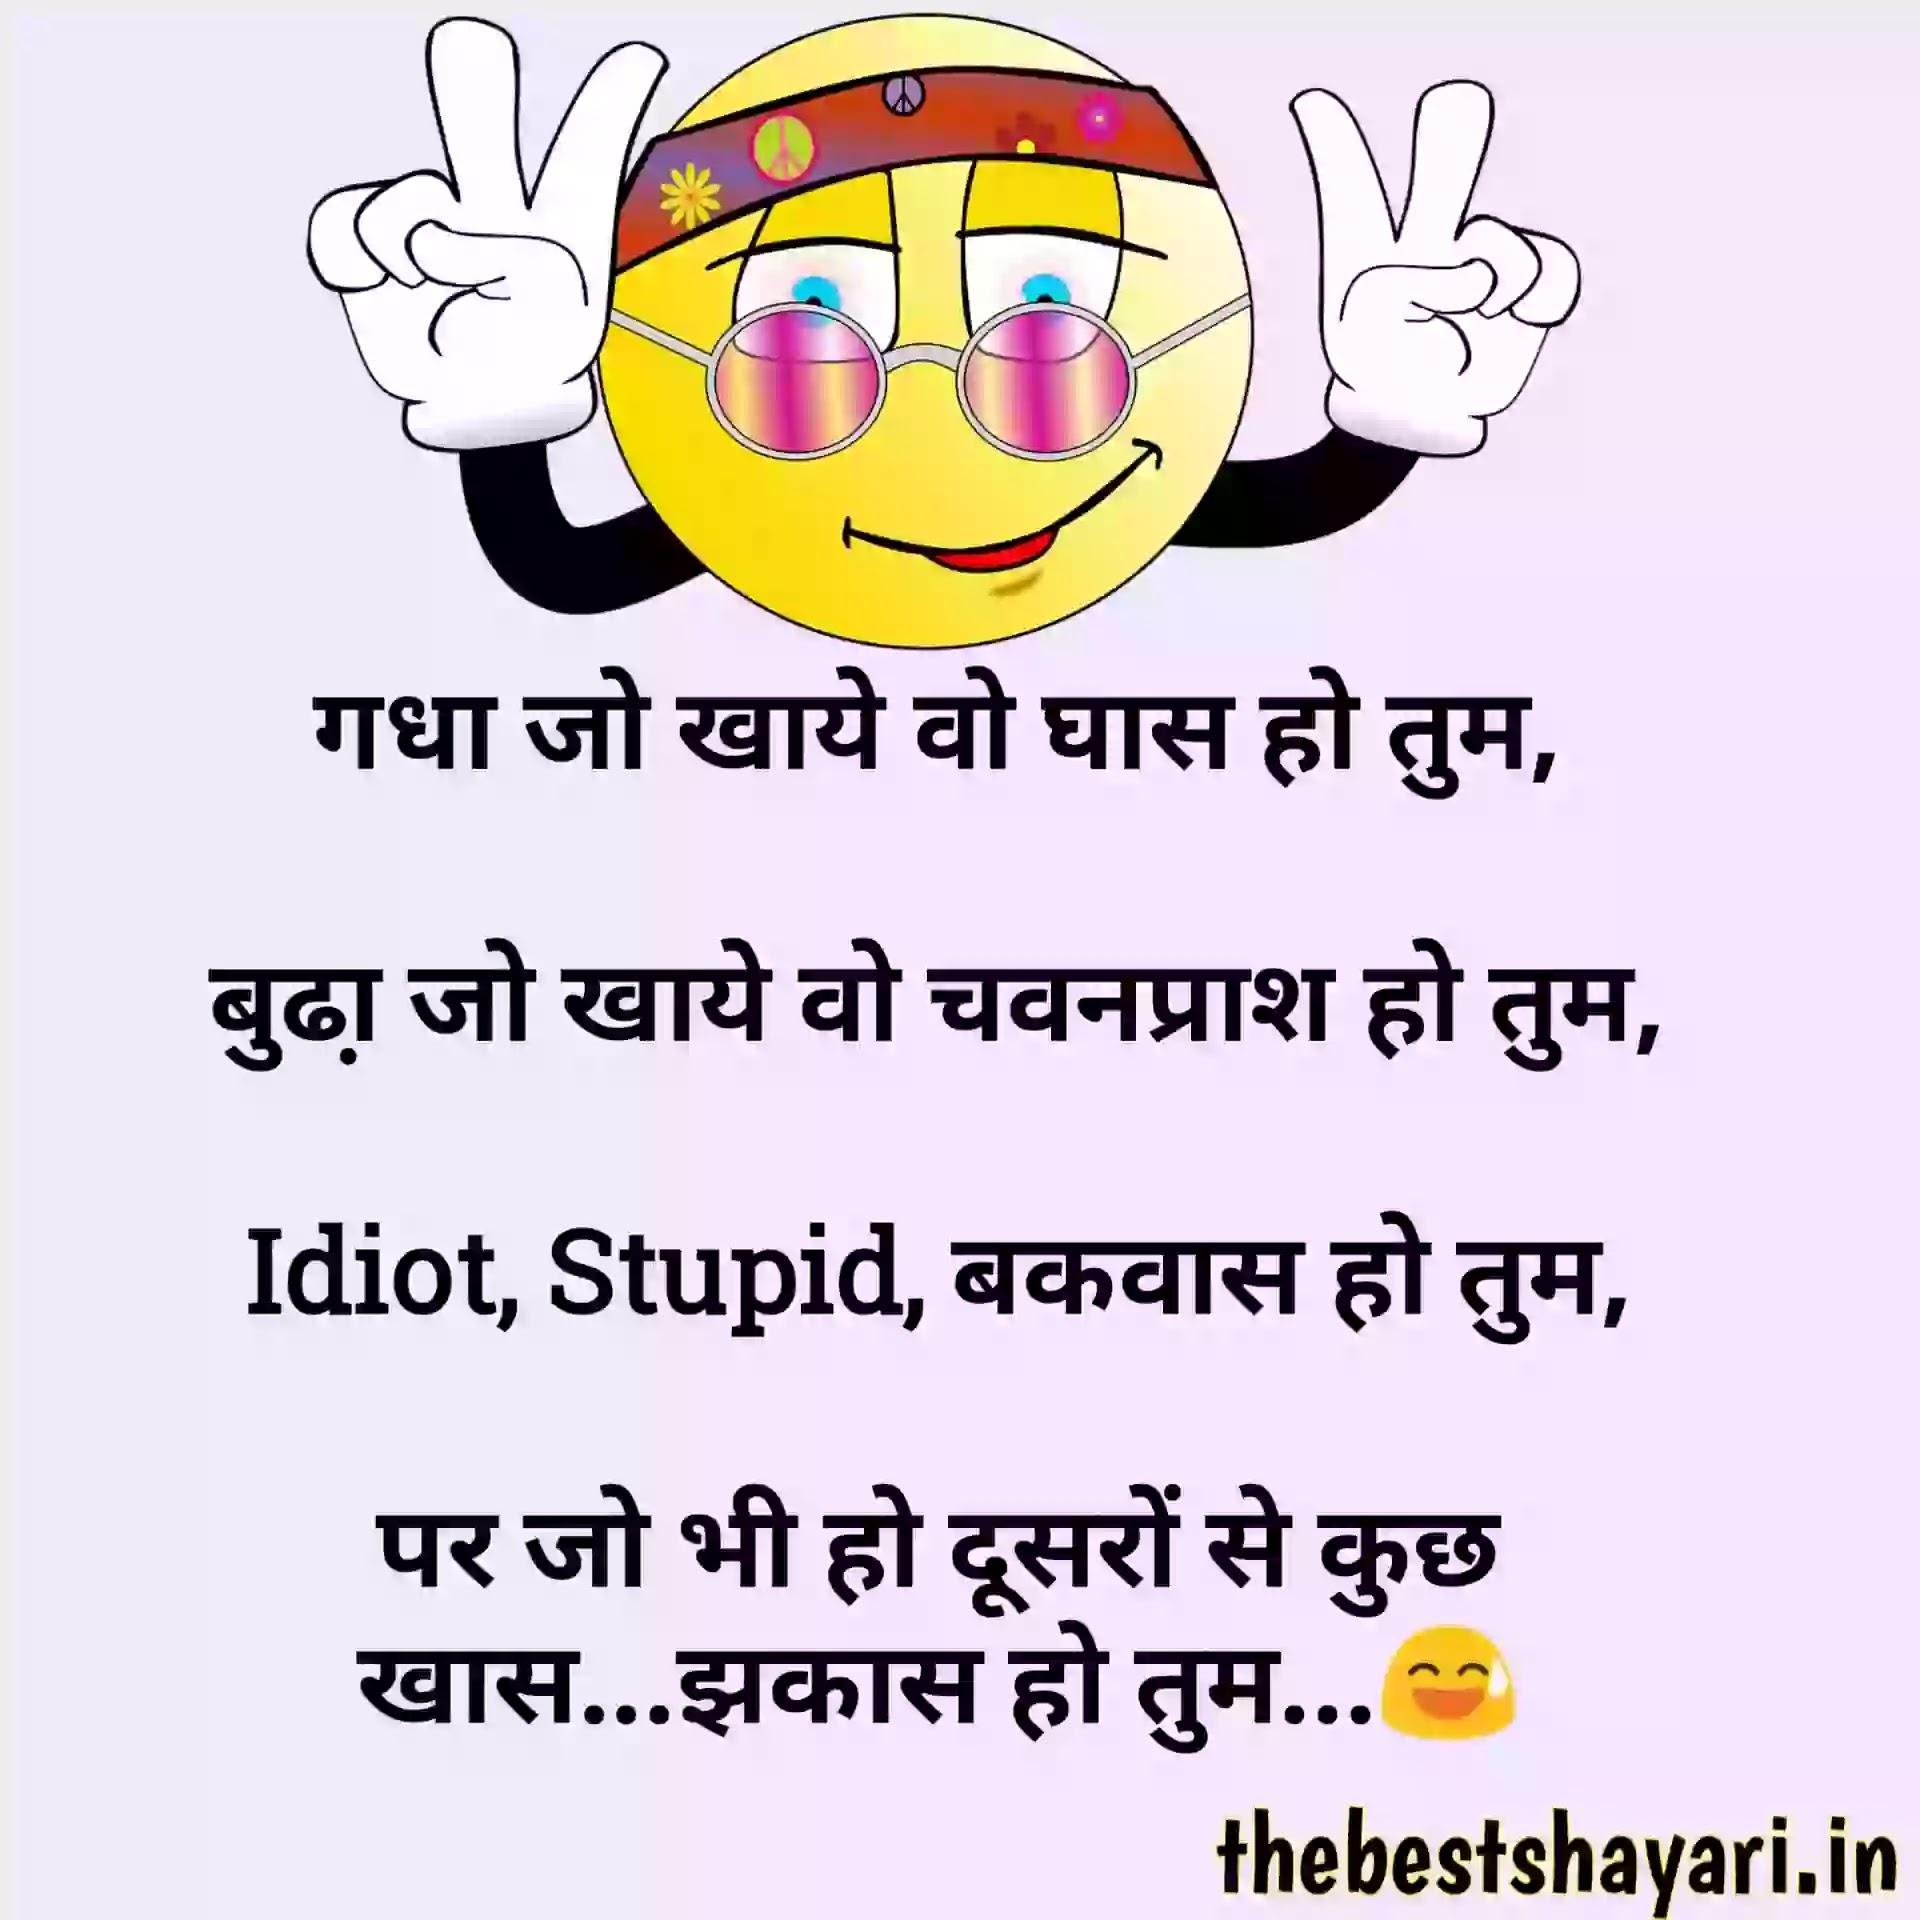 Hindi funny shayari on friendship